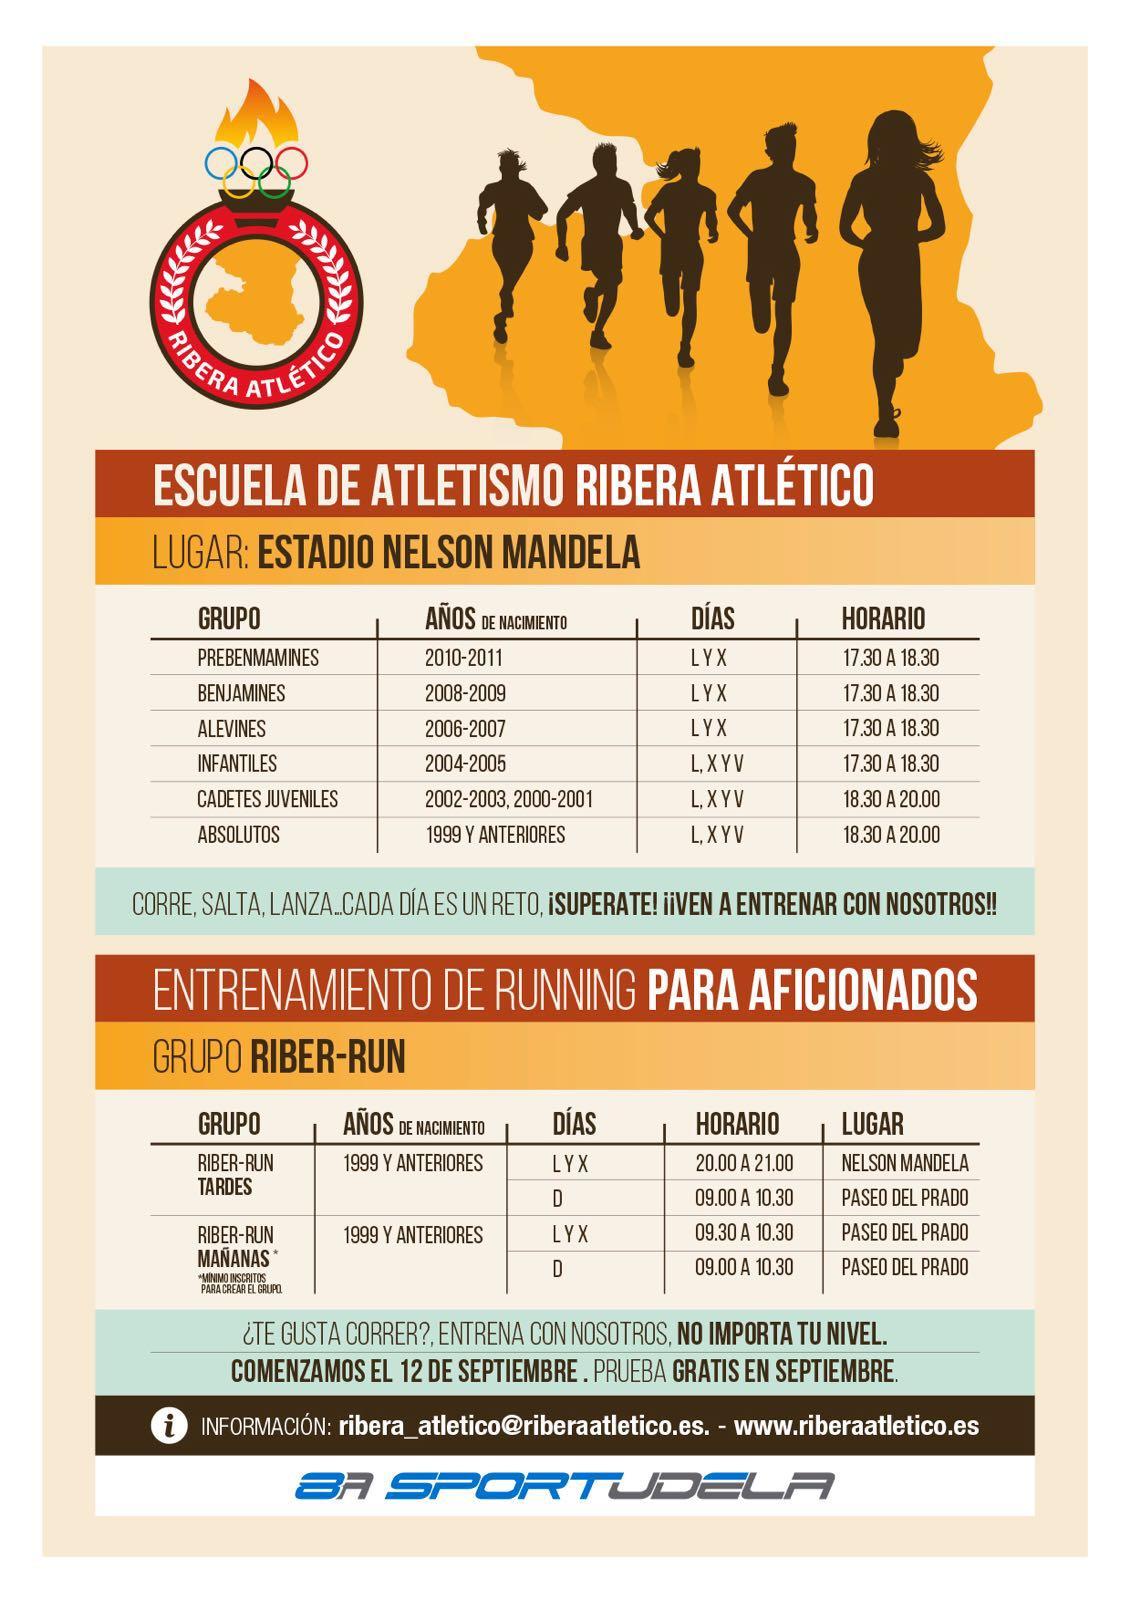 ribera-atletico-entrenamientos-2016-17